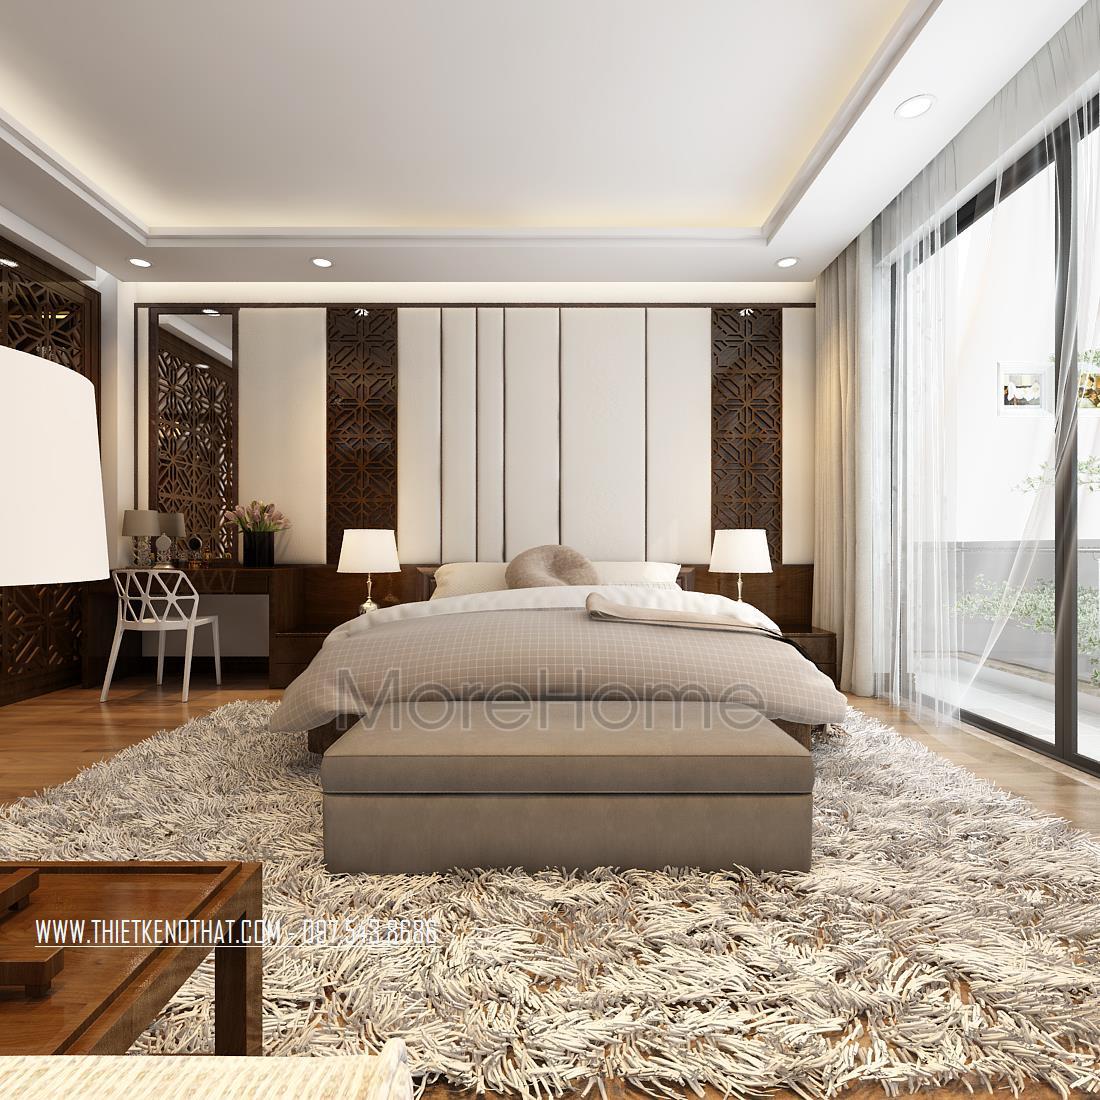 Thiết kế nội thất nhà phố ở Mỹ Đình